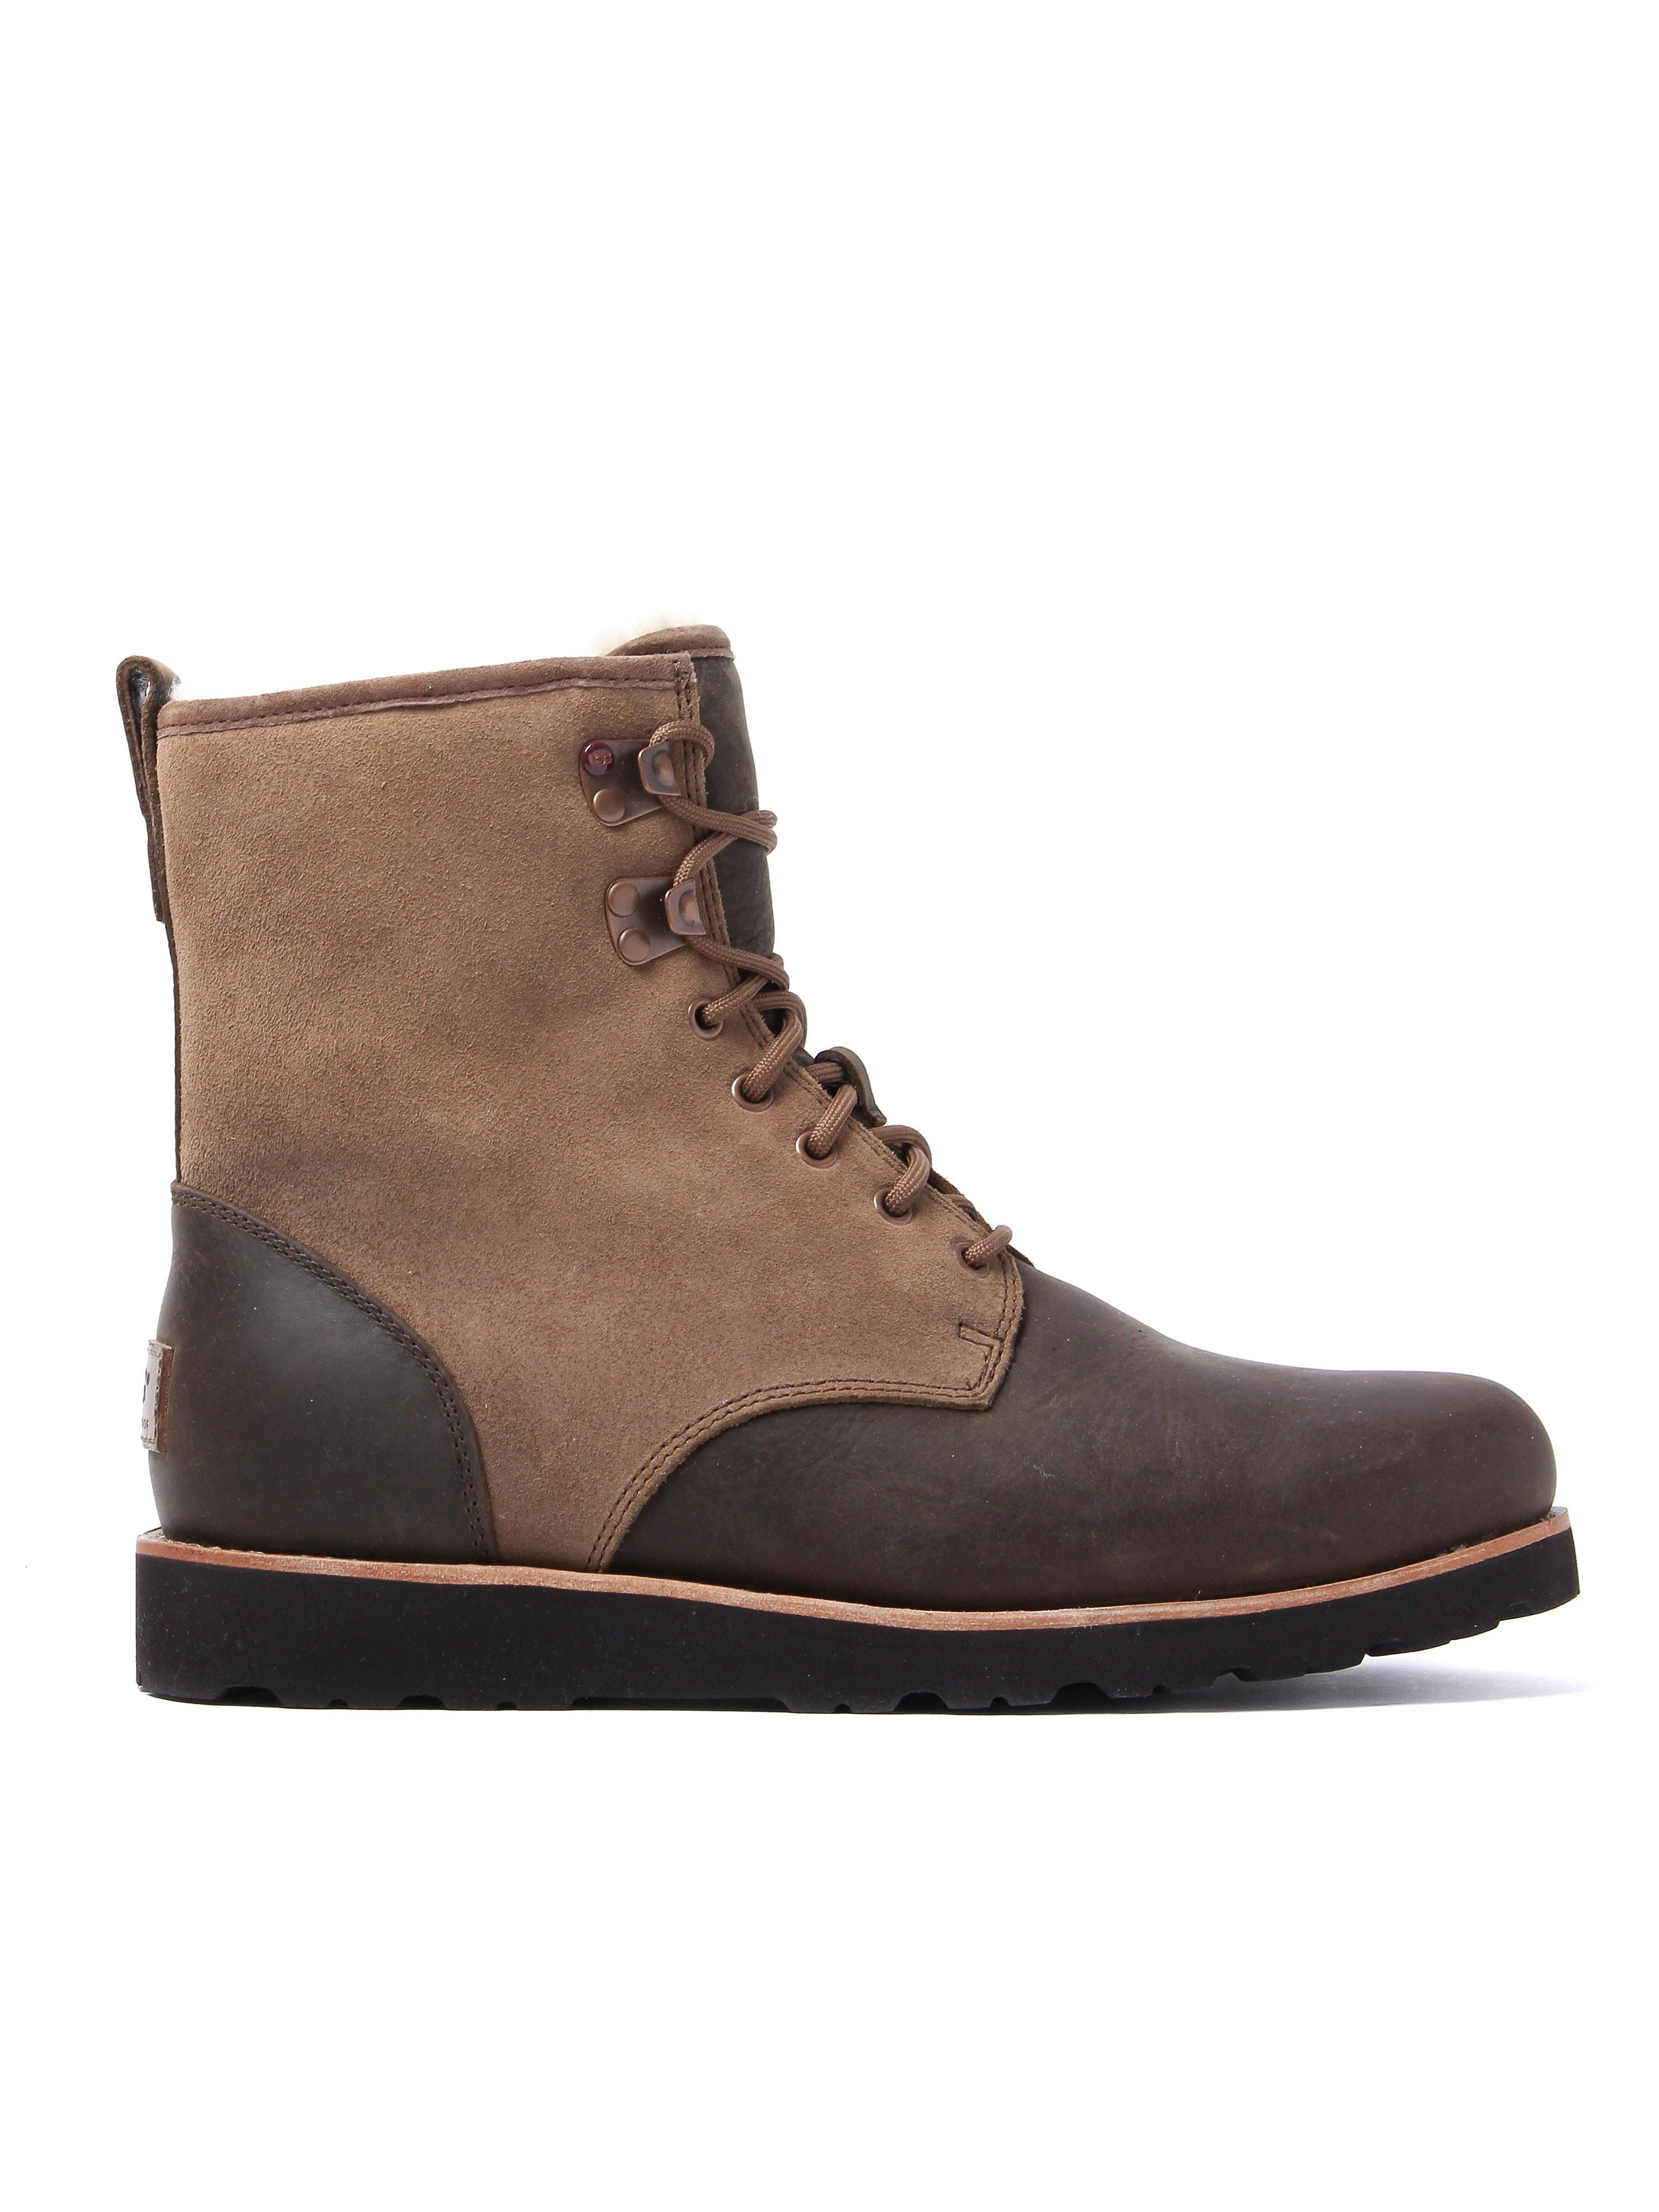 UGG Men's Hannen Walking Boots - Brown